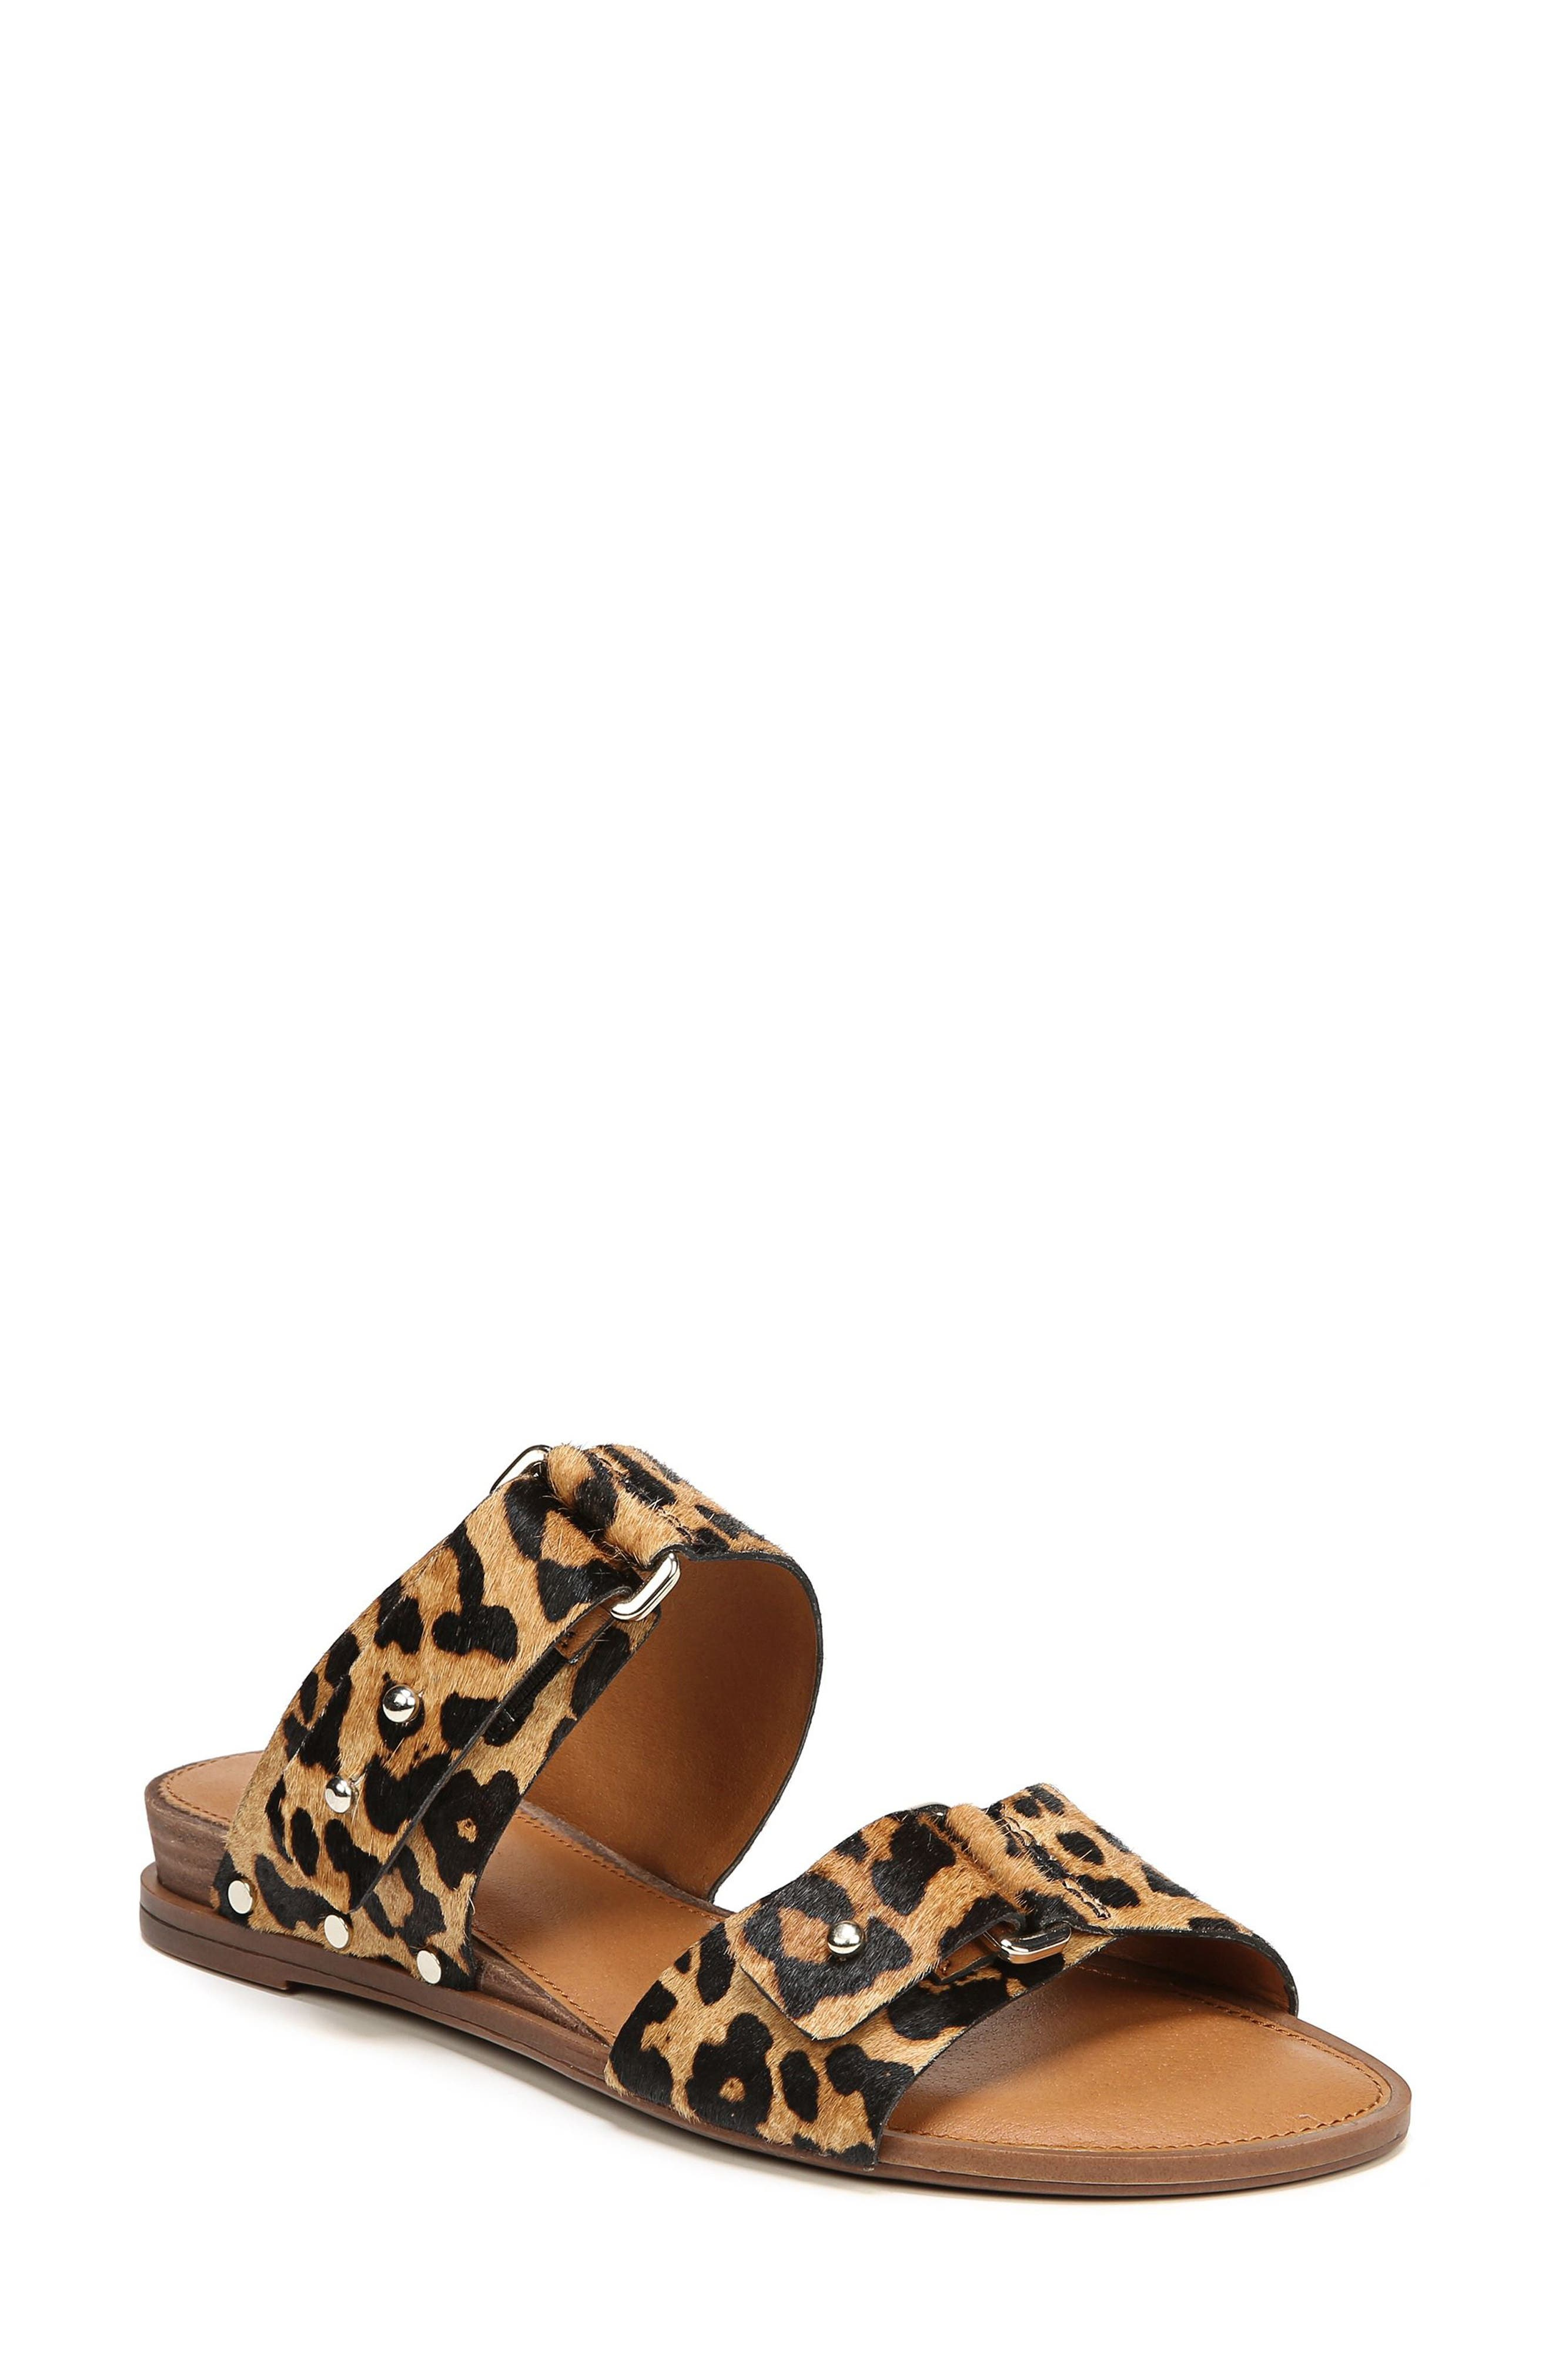 SARTO by Franco Sarto Palomino Genuine Calf Hair Sandal (Women)